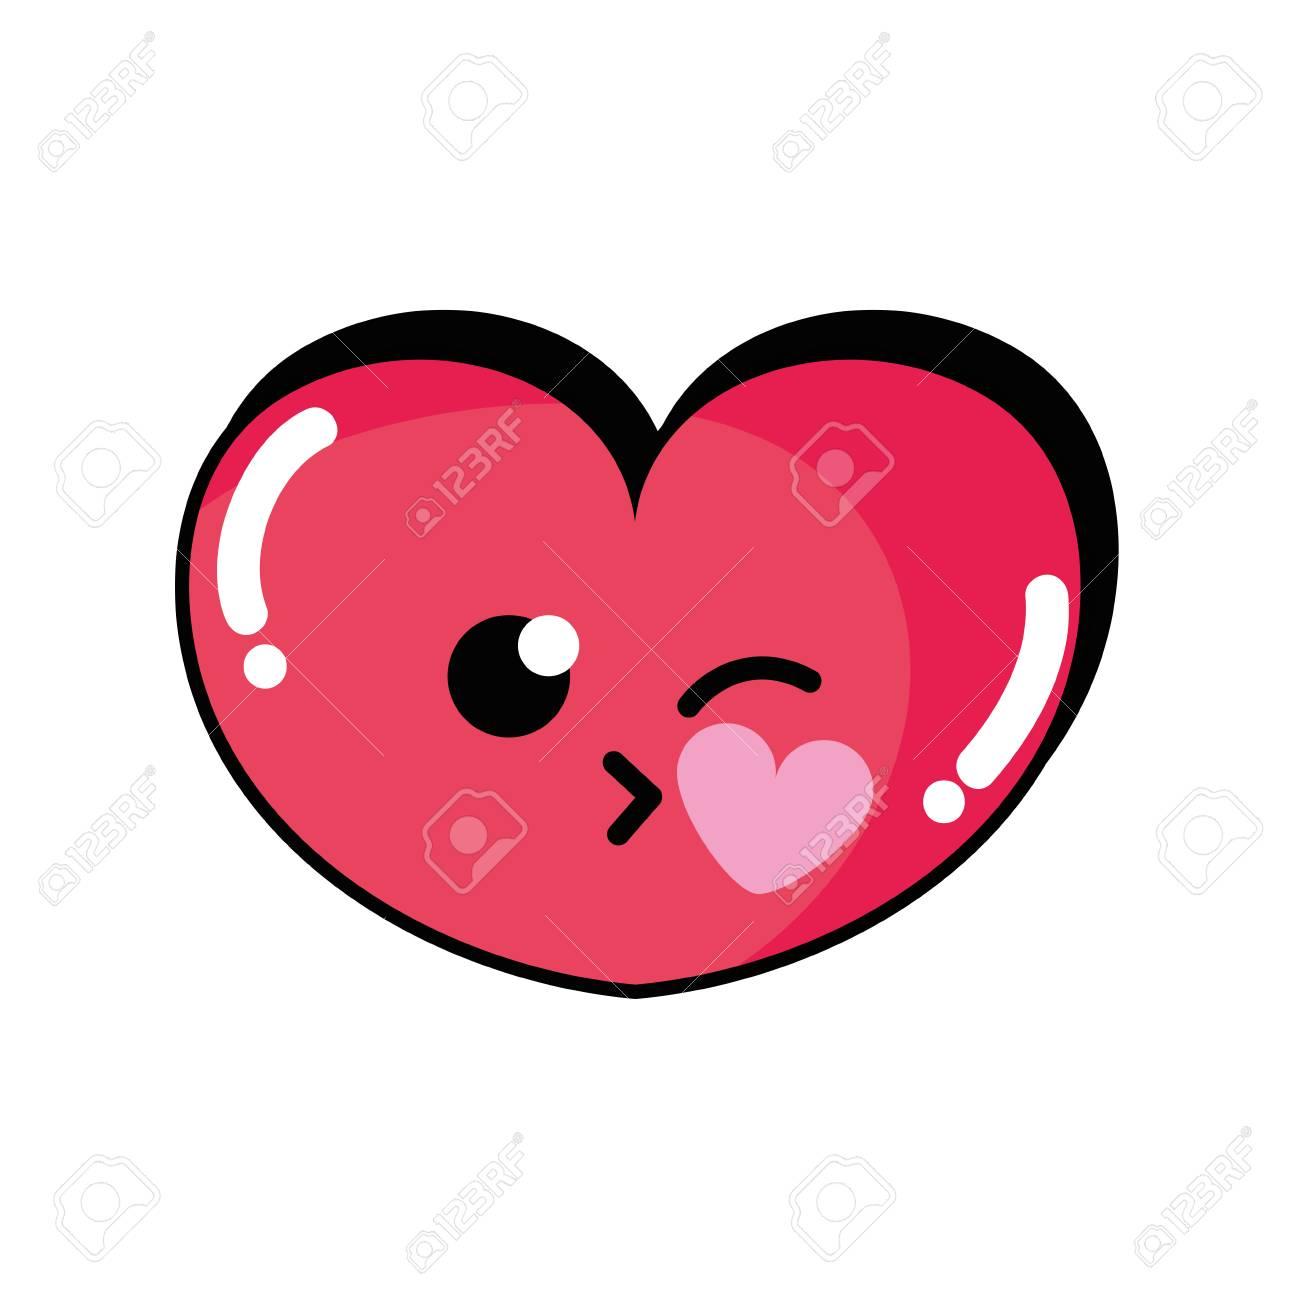 Cute heart with kiss cartoon vector illustration